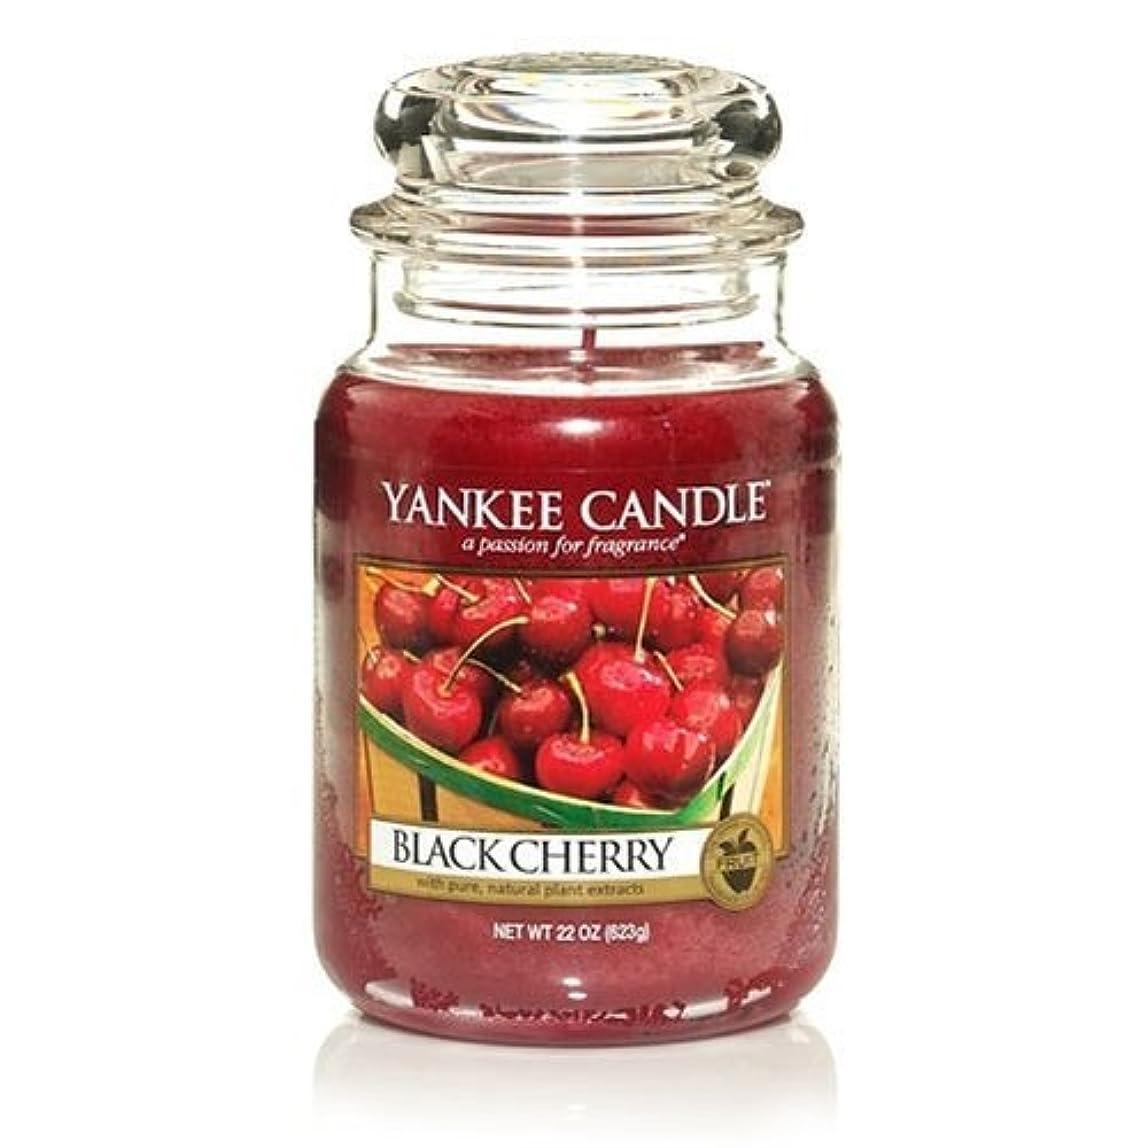 ハイランドつかの間本能Yankee Candle Large Black Cherry Jar Candle 1129749 by Yankee Candle [並行輸入品]